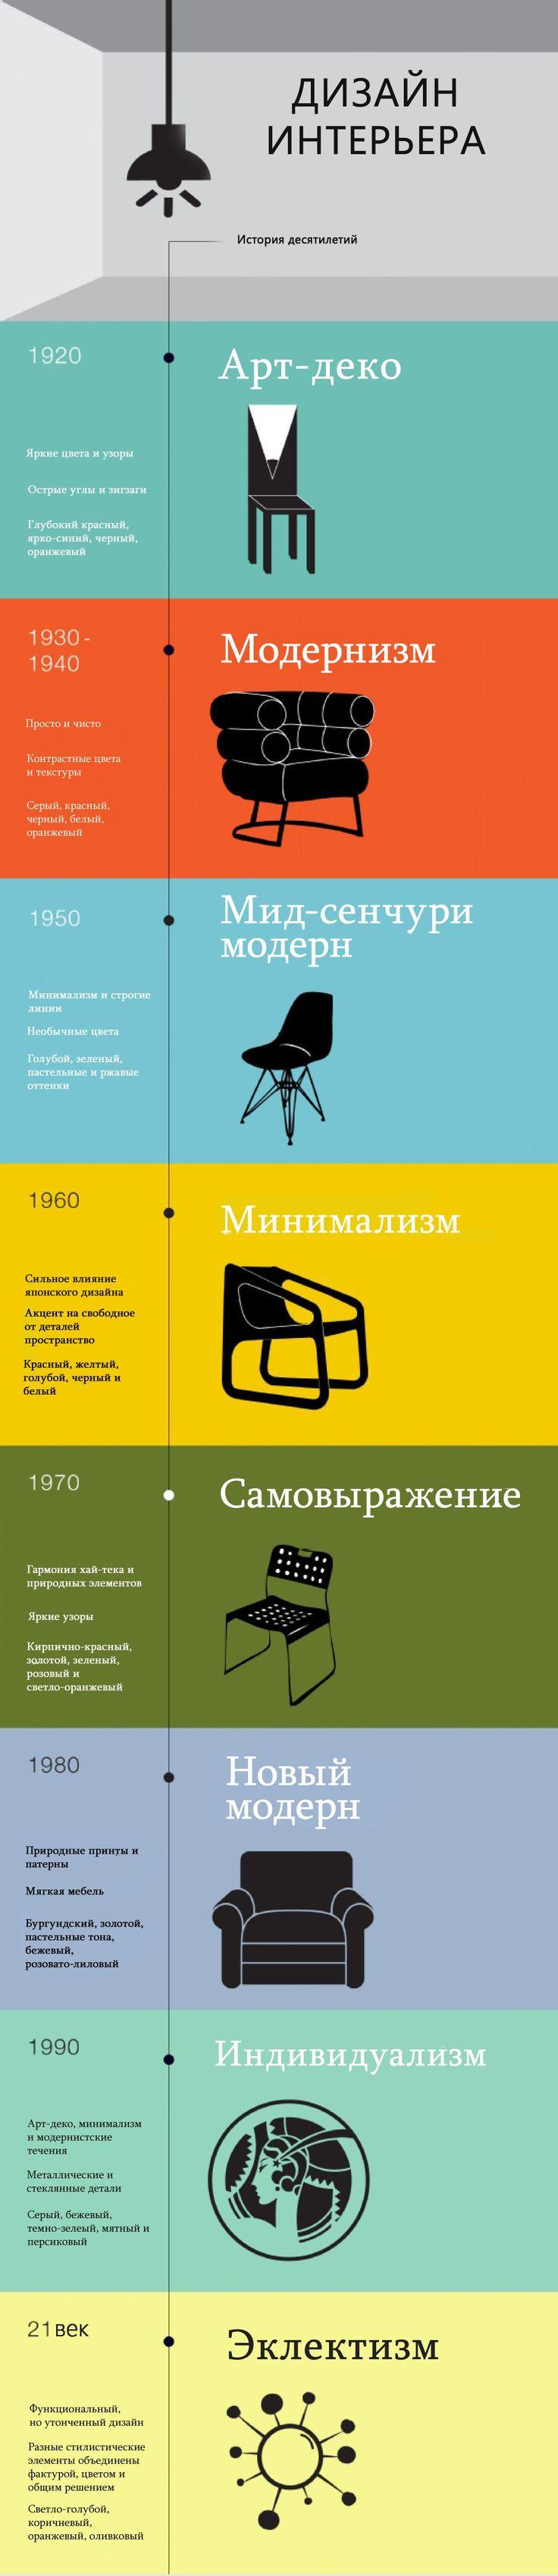 Инфографика об истории дизайна интерьеров